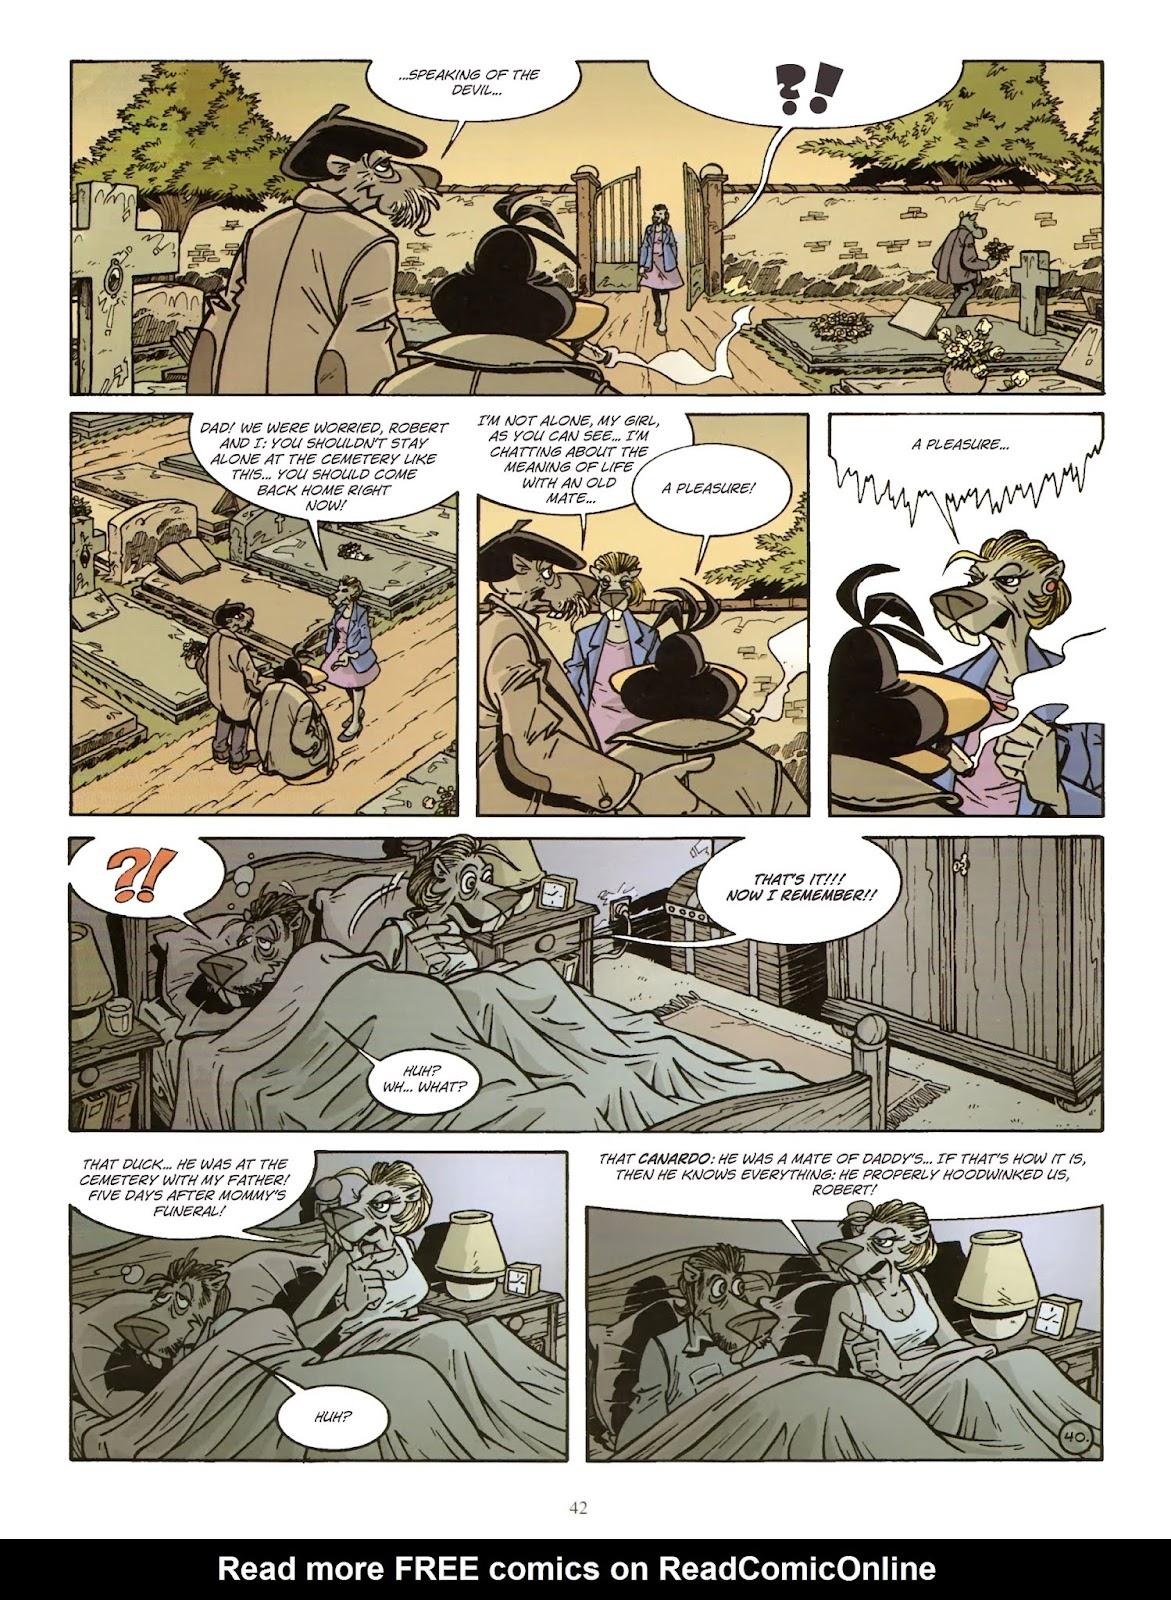 Une enquête de l'inspecteur Canardo issue 11 - Page 43